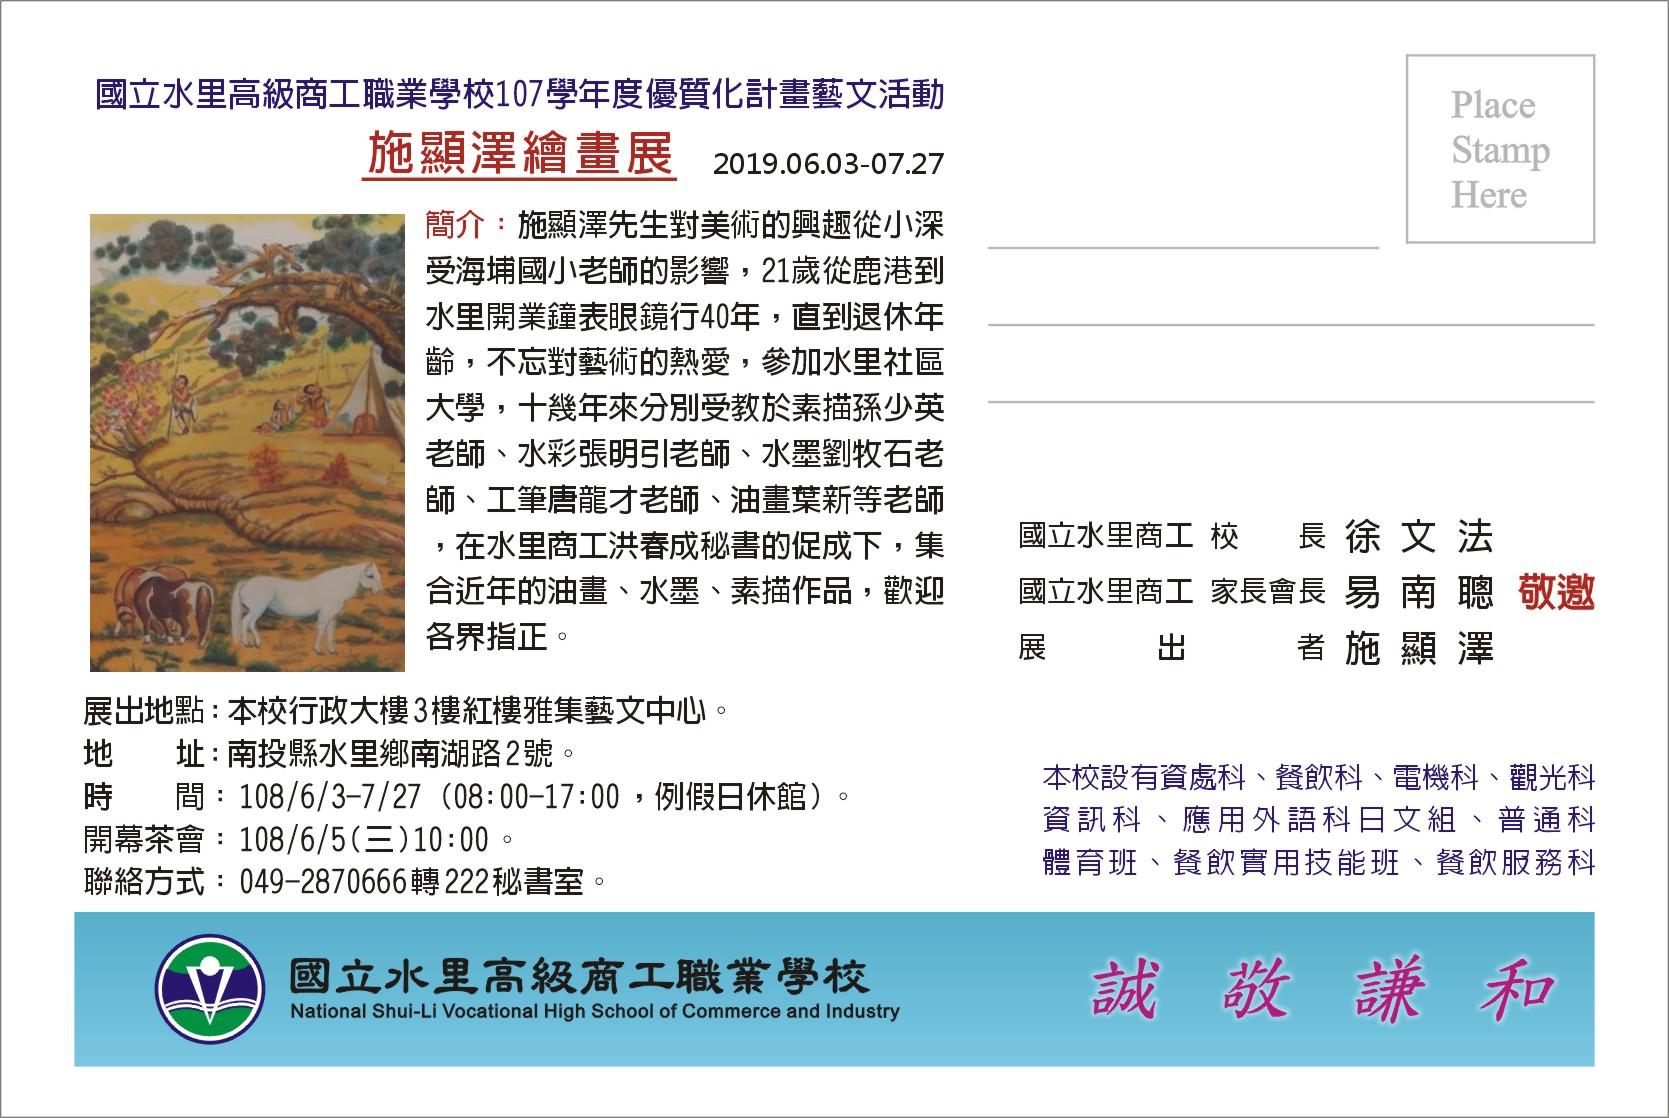 施顯澤繪畫個展邀請卡2